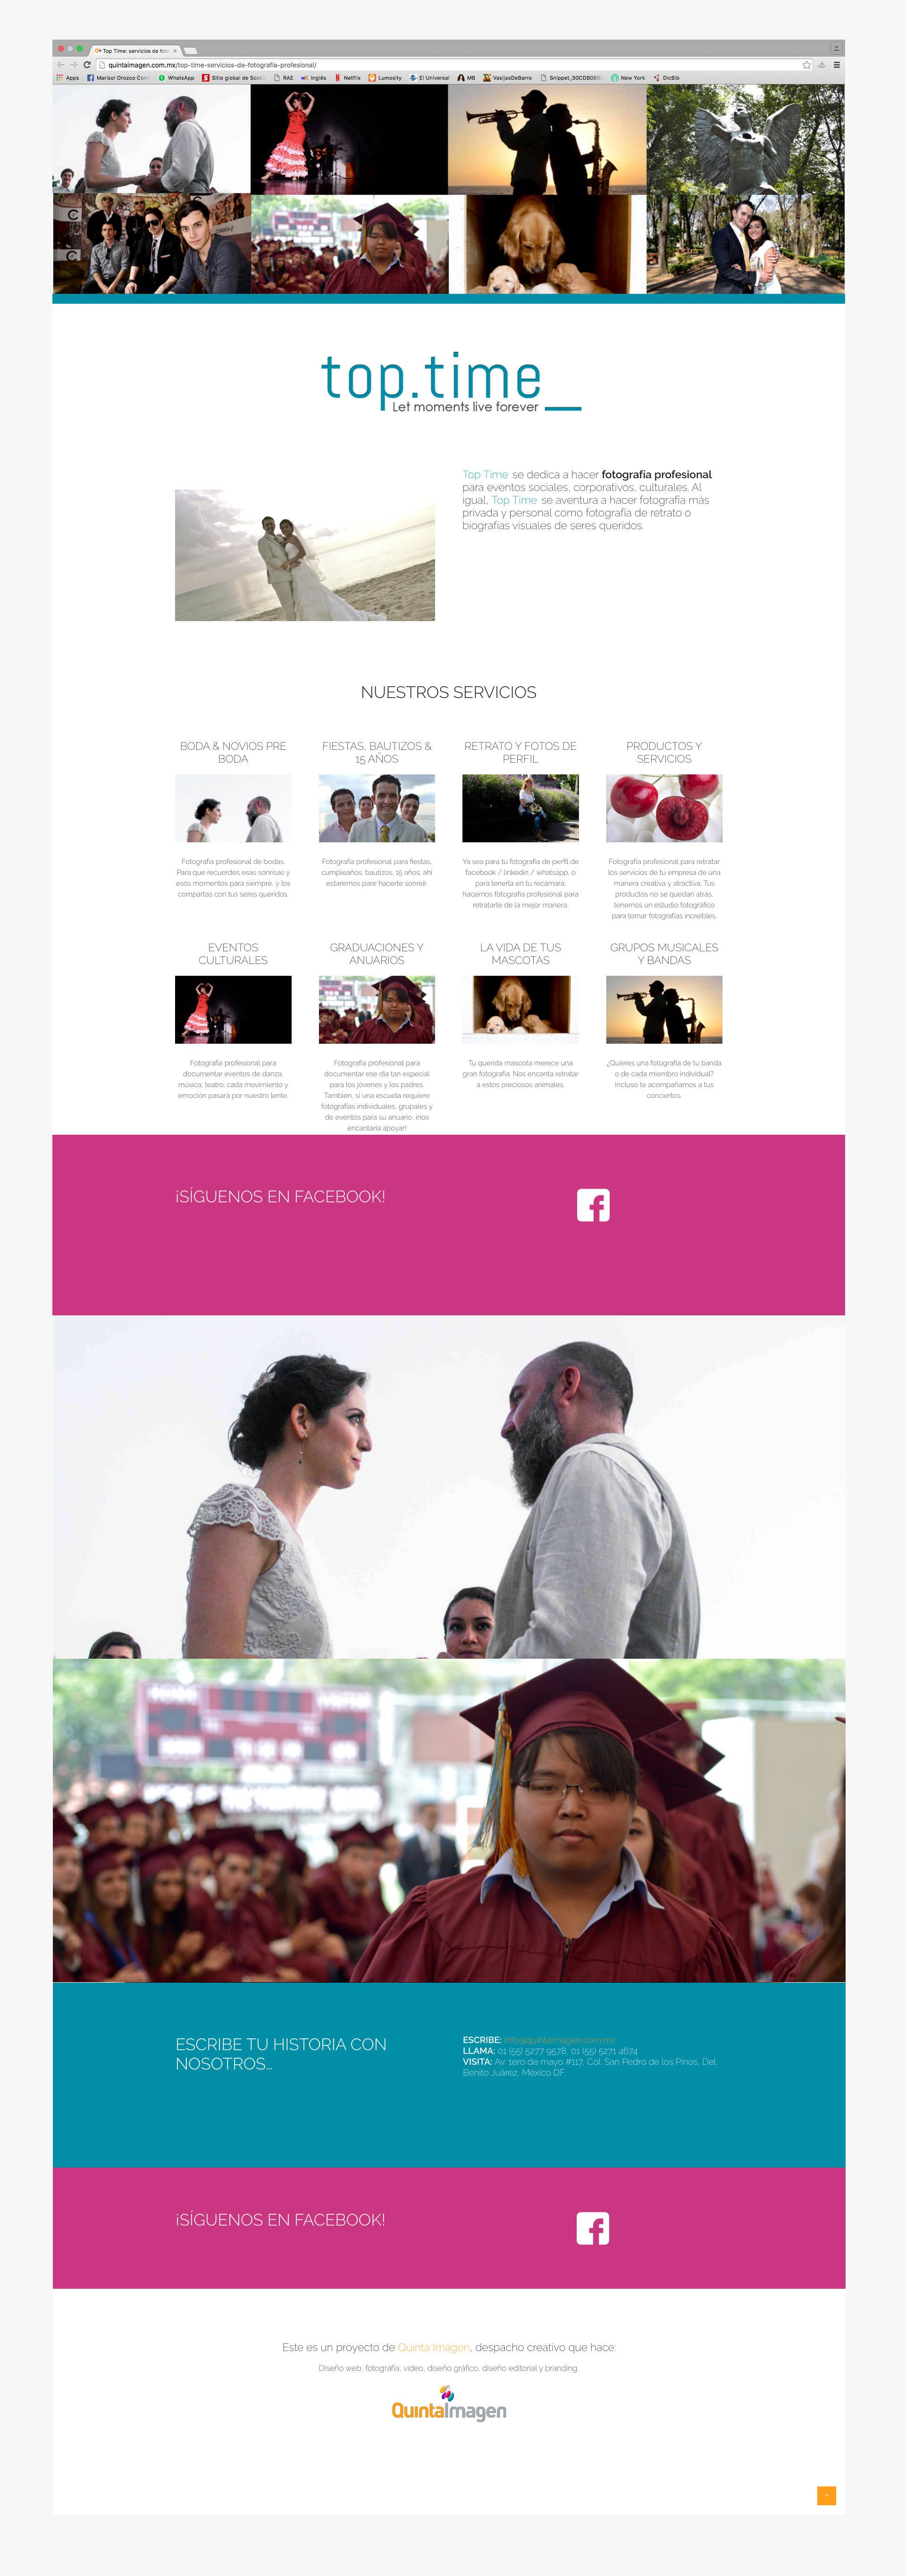 Página principal de la página web de top time